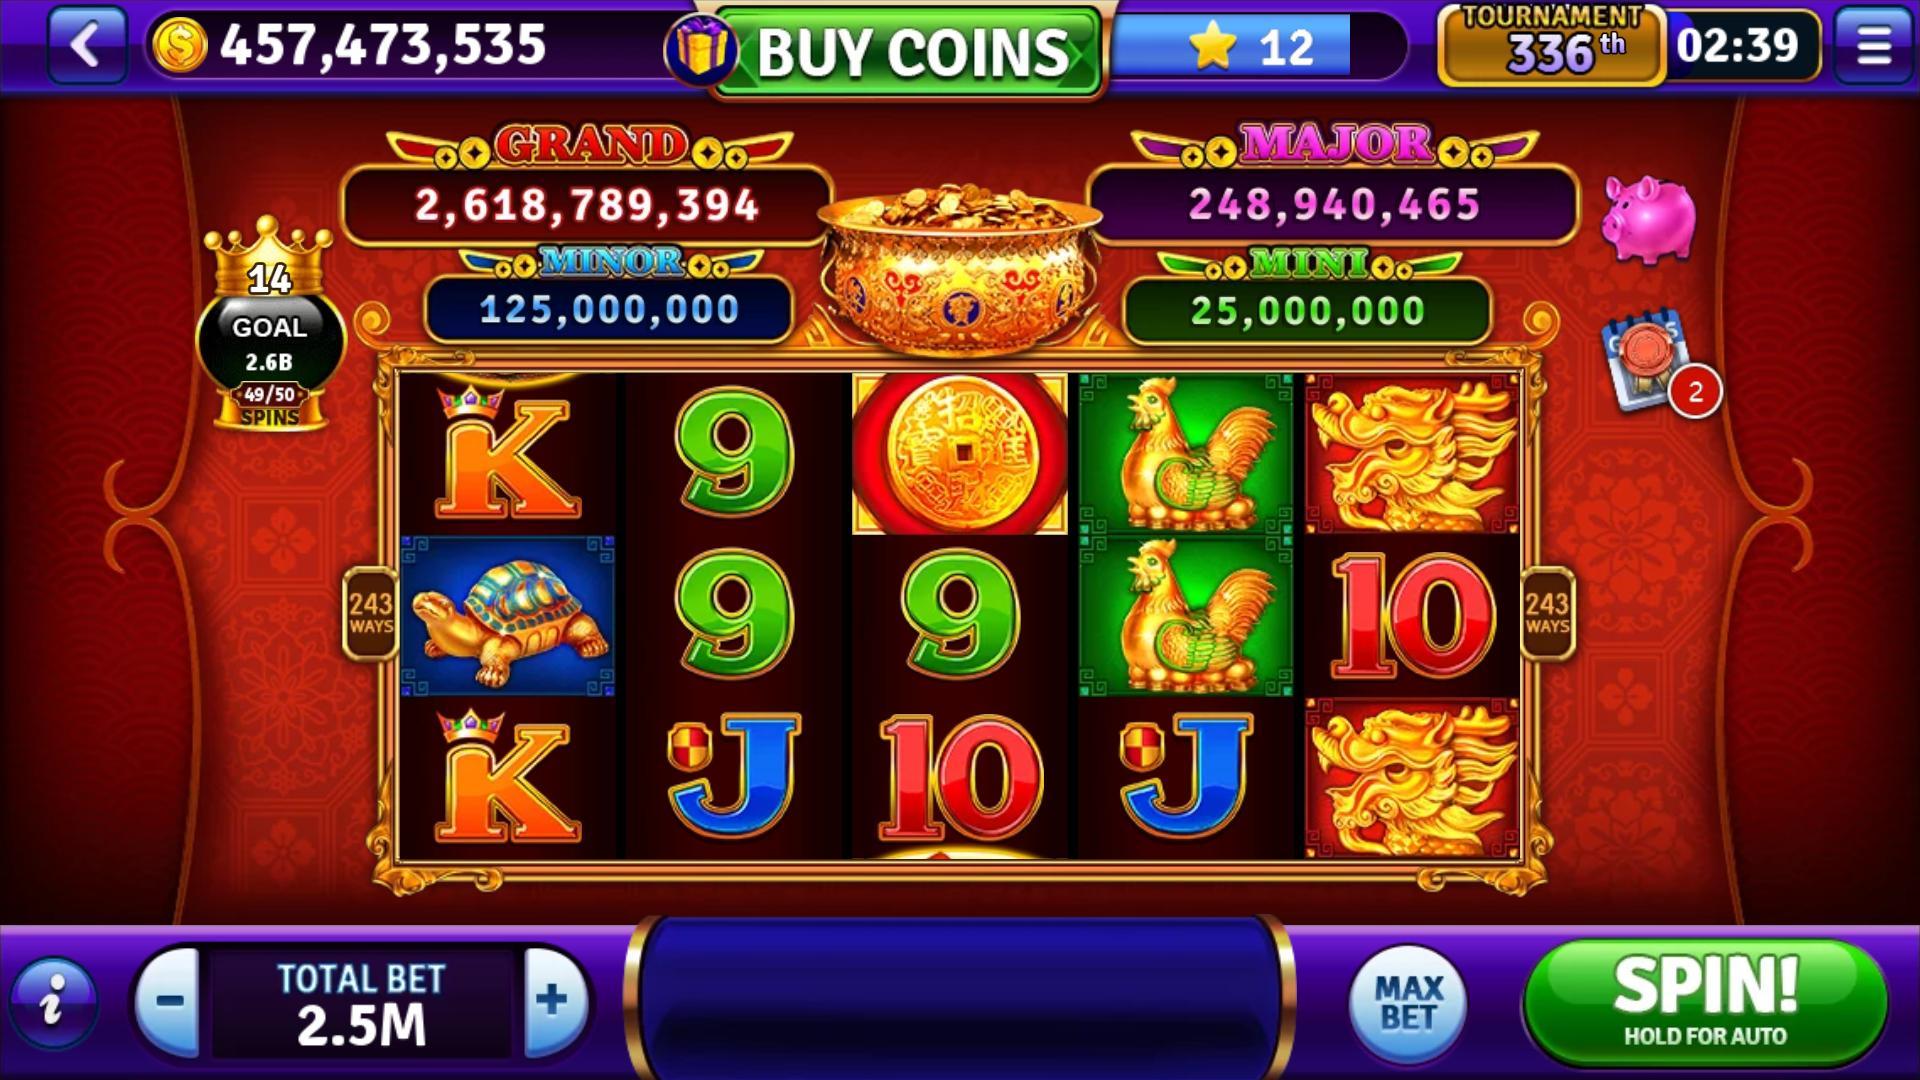 Скачать игровые автоматы для мобильного бесплатно казино индийский кино